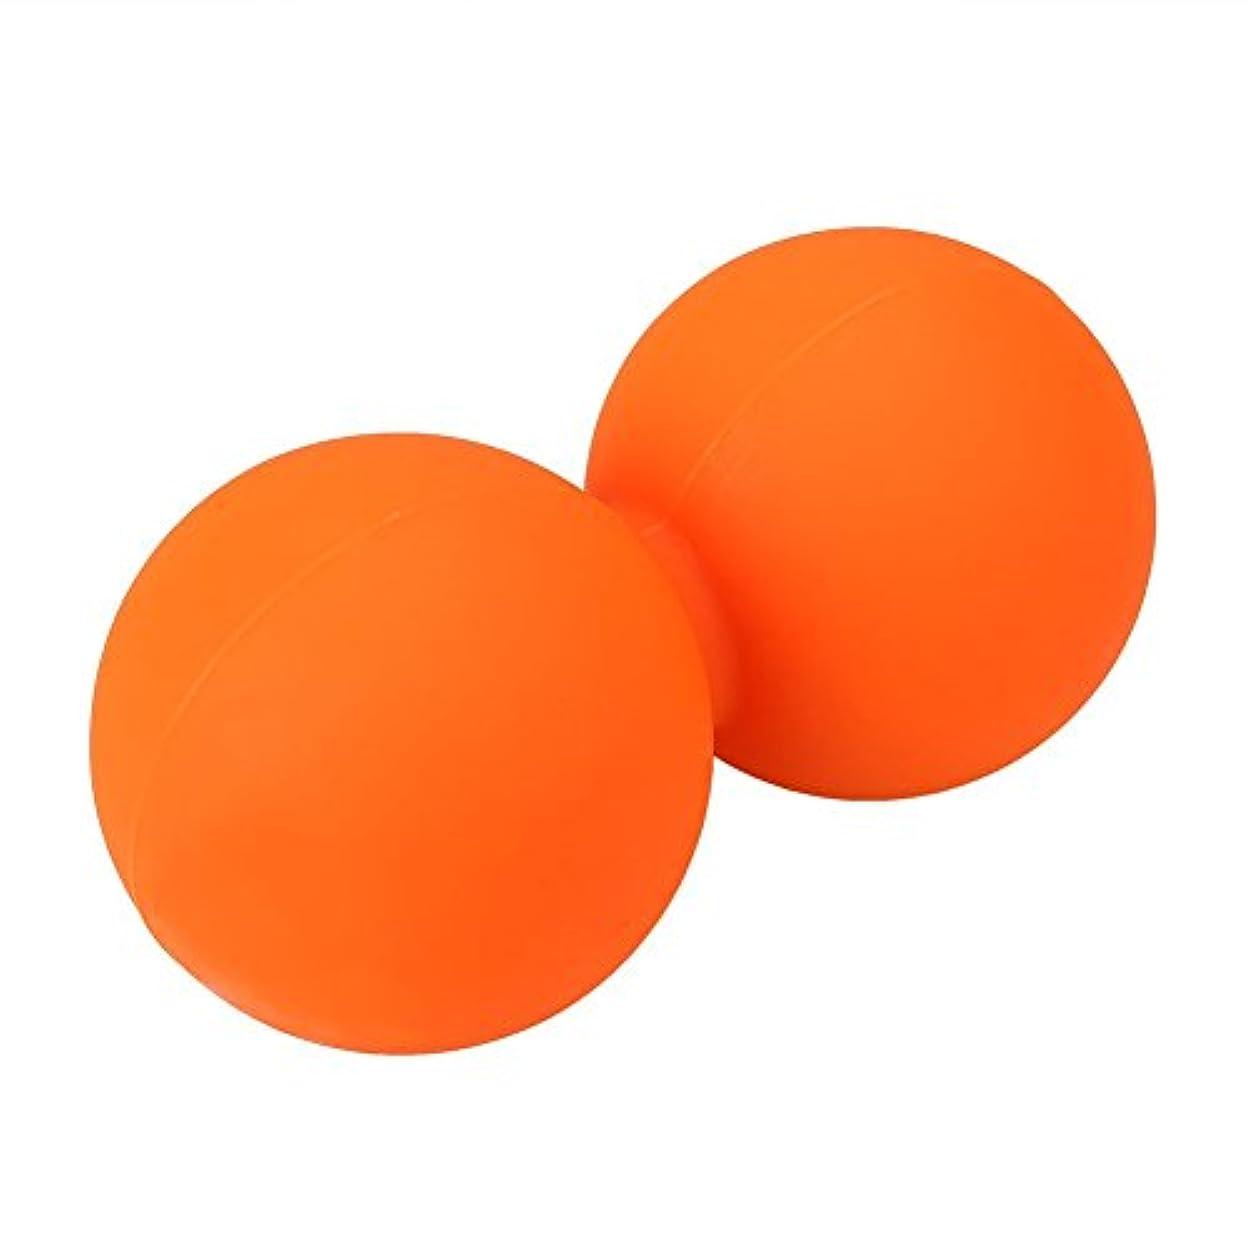 ディスコ罹患率蒸気attachmenttou スパイクマッサージボールダブルラクロス 筋筋膜トリガーリリースピーナッツ マッサージクロスボール 運動